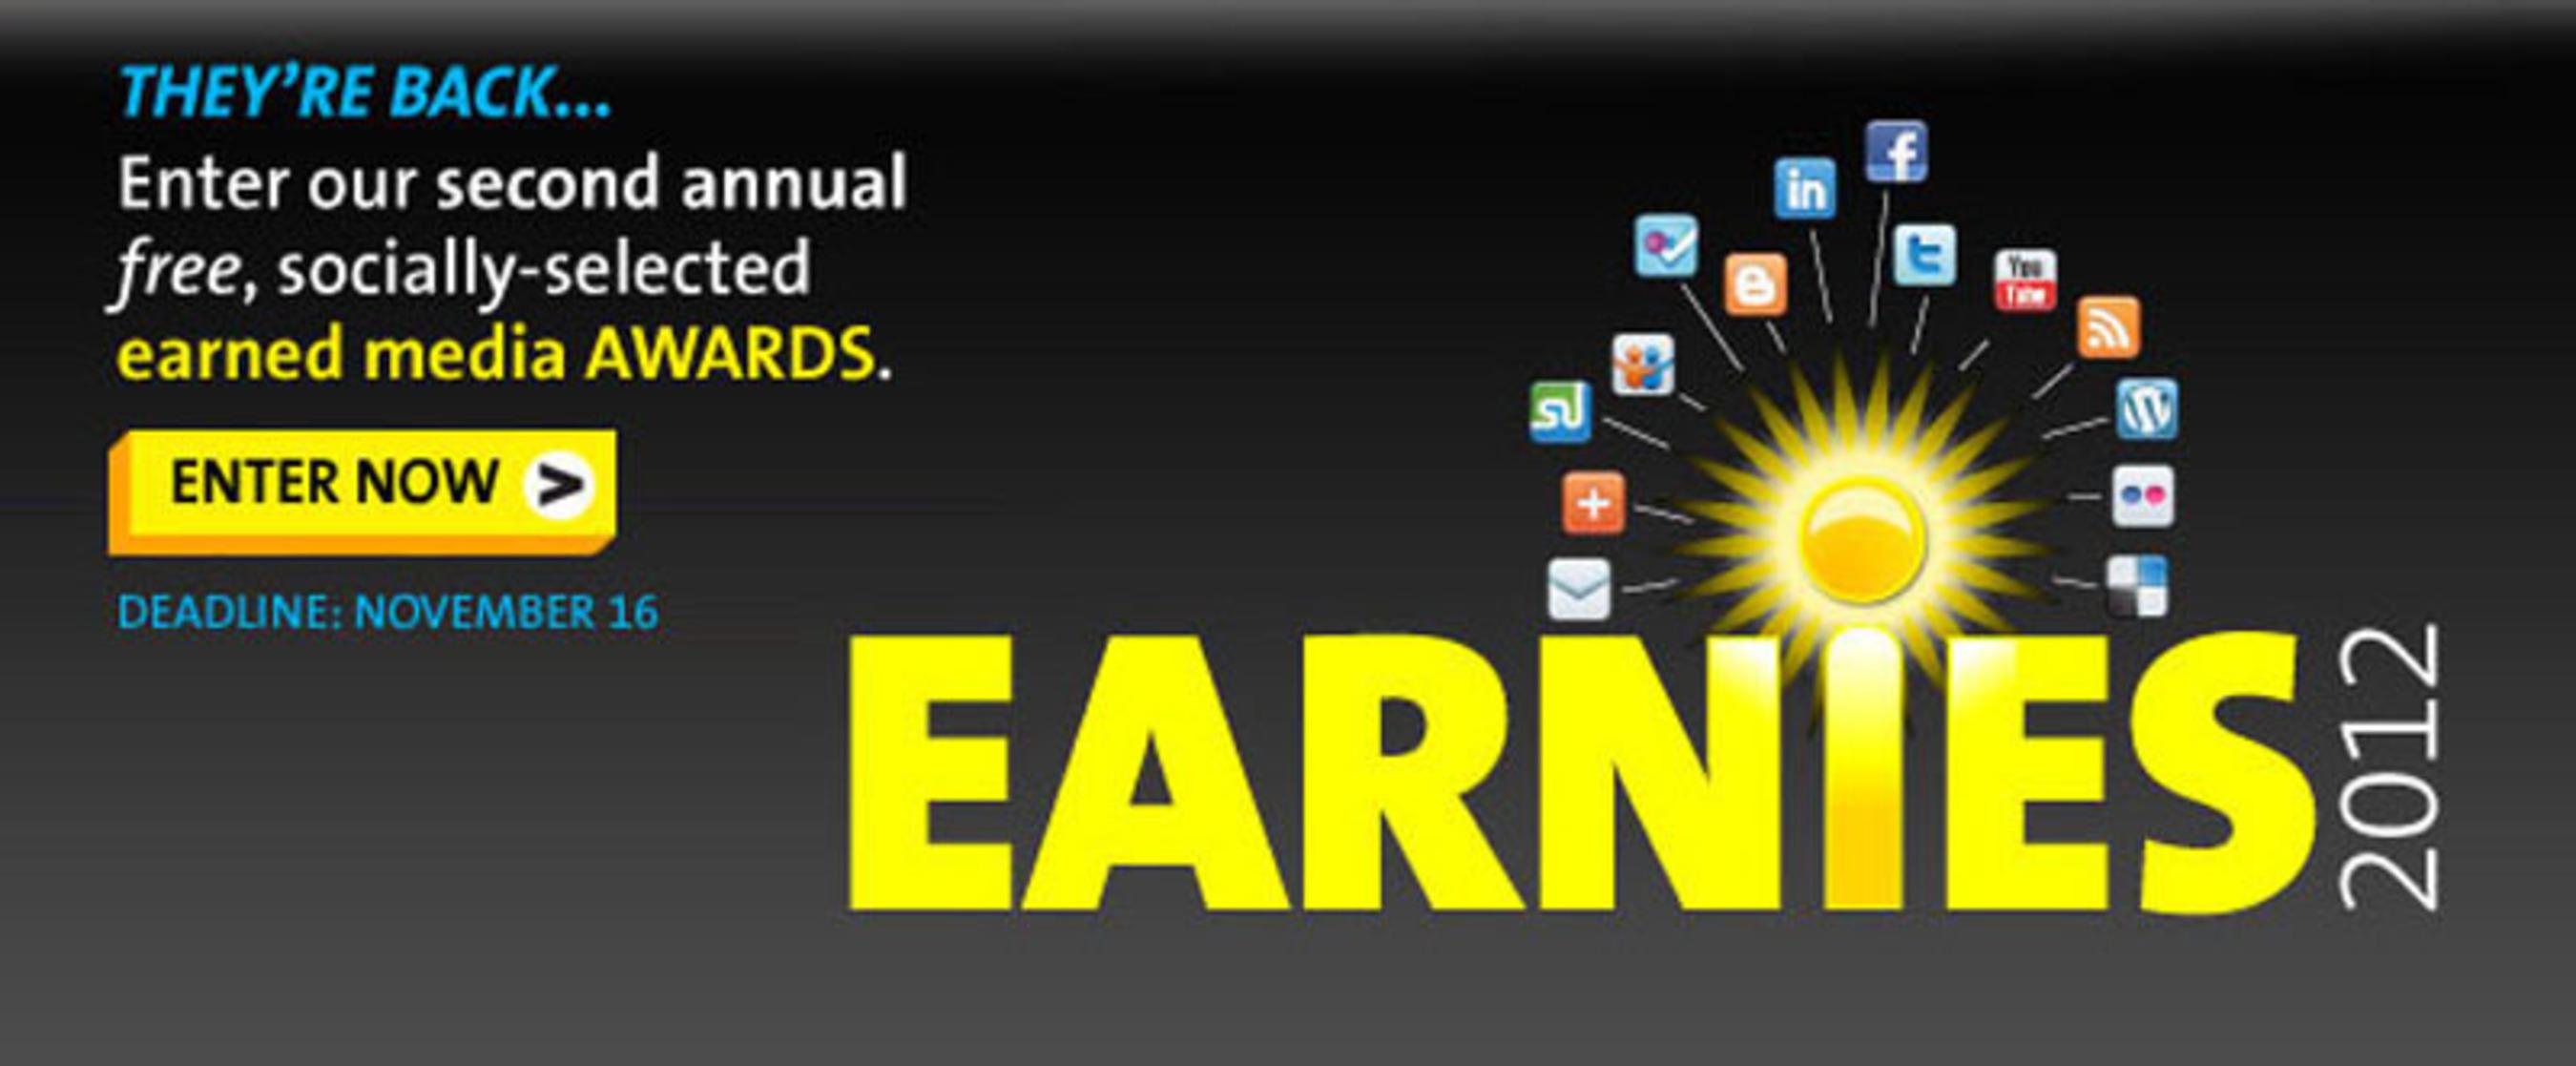 Enter PR Newswire's 2012 Earnies Awards, www.agilitycommunity.com.  (PRNewsFoto/PR Newswire Association LLC)